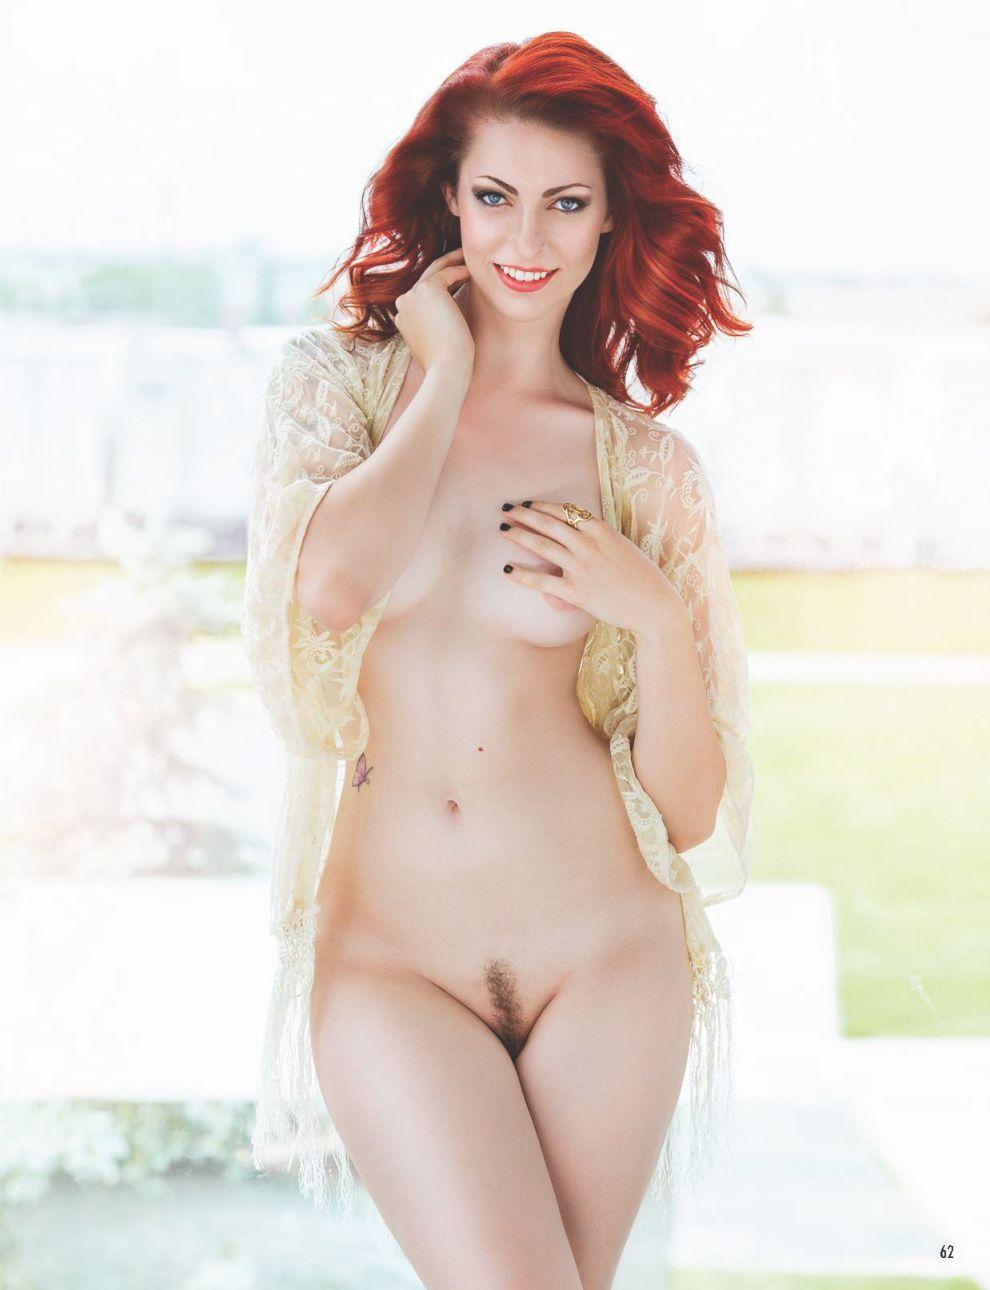 Arielita hot naked photoset nude (19 pics)